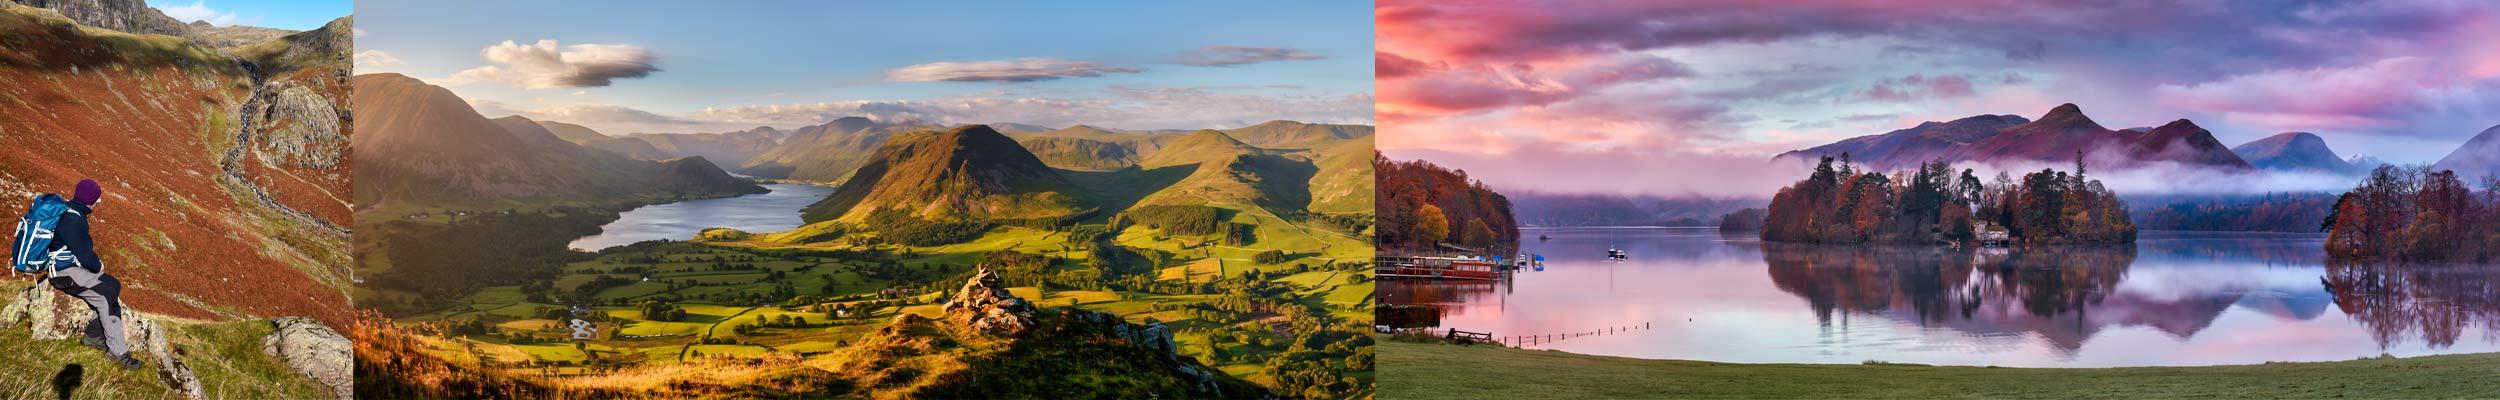 Landscape Photography Header